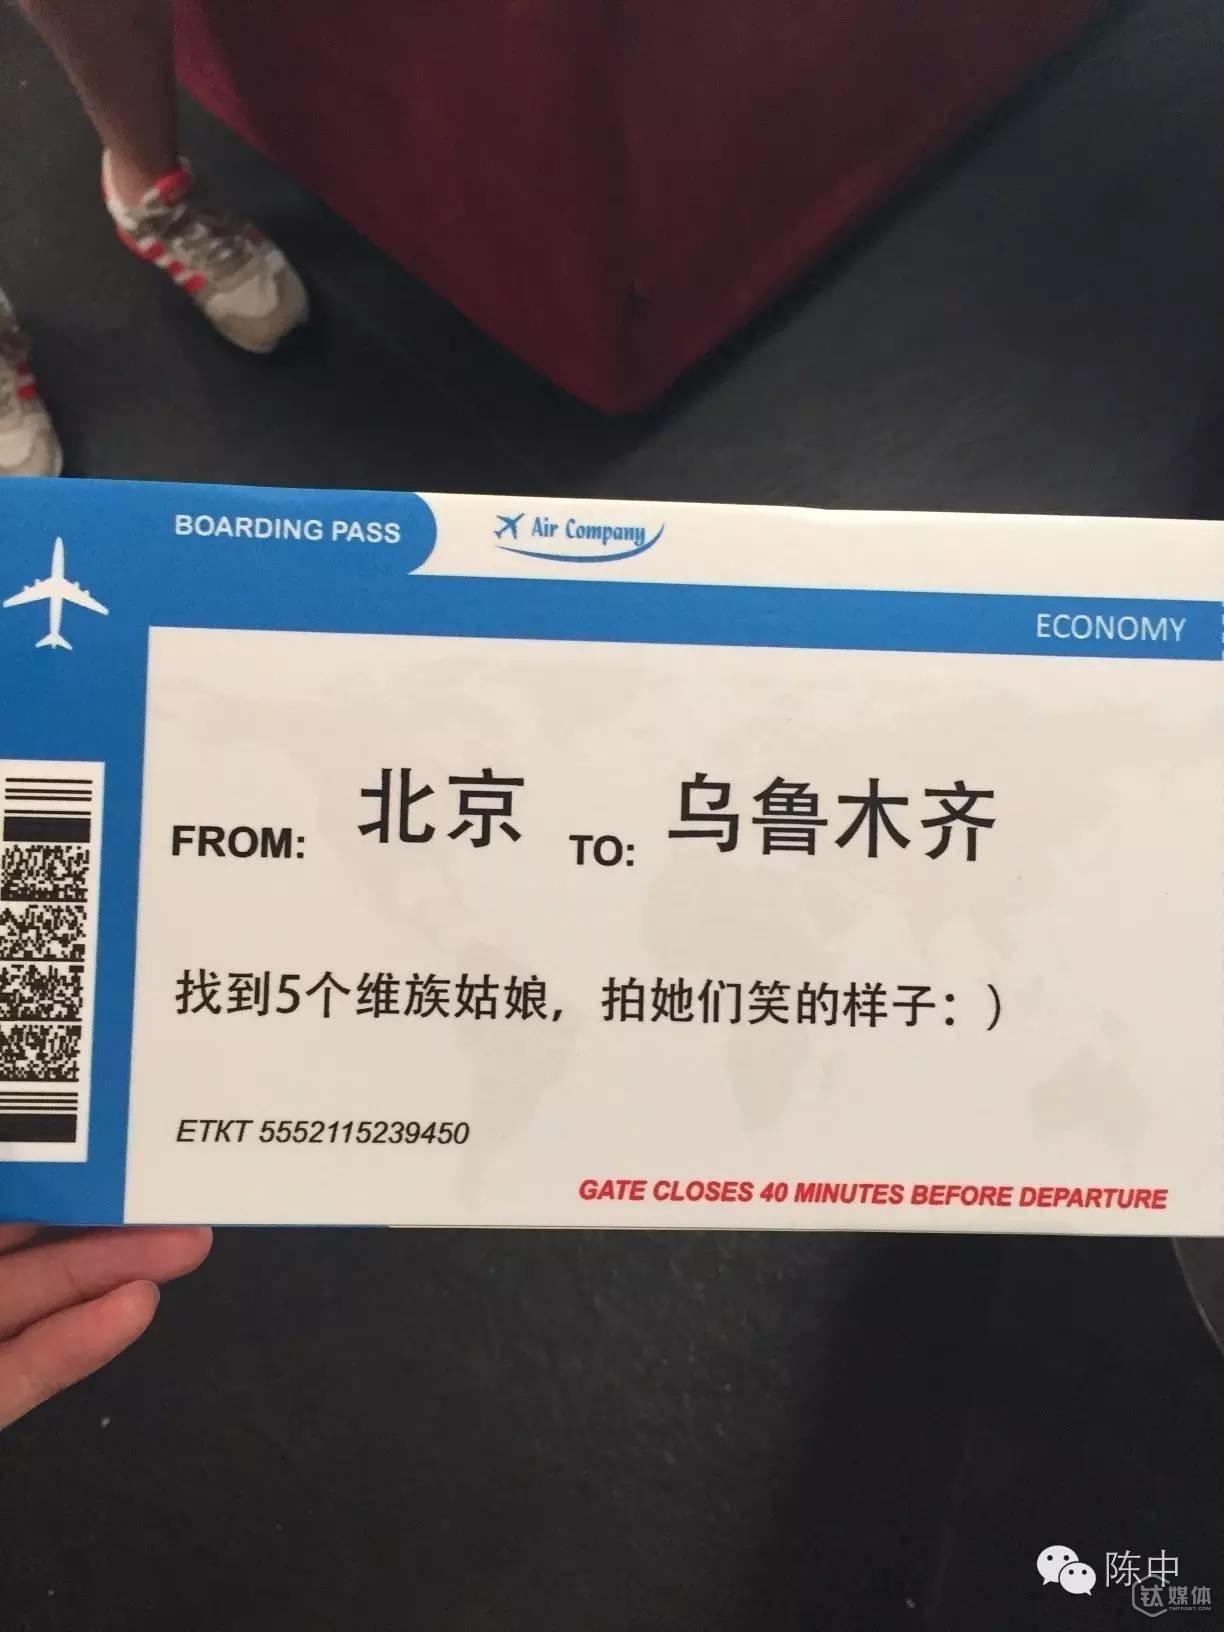 「逃离北上广」活动中,参与者拿到的其中一张机票